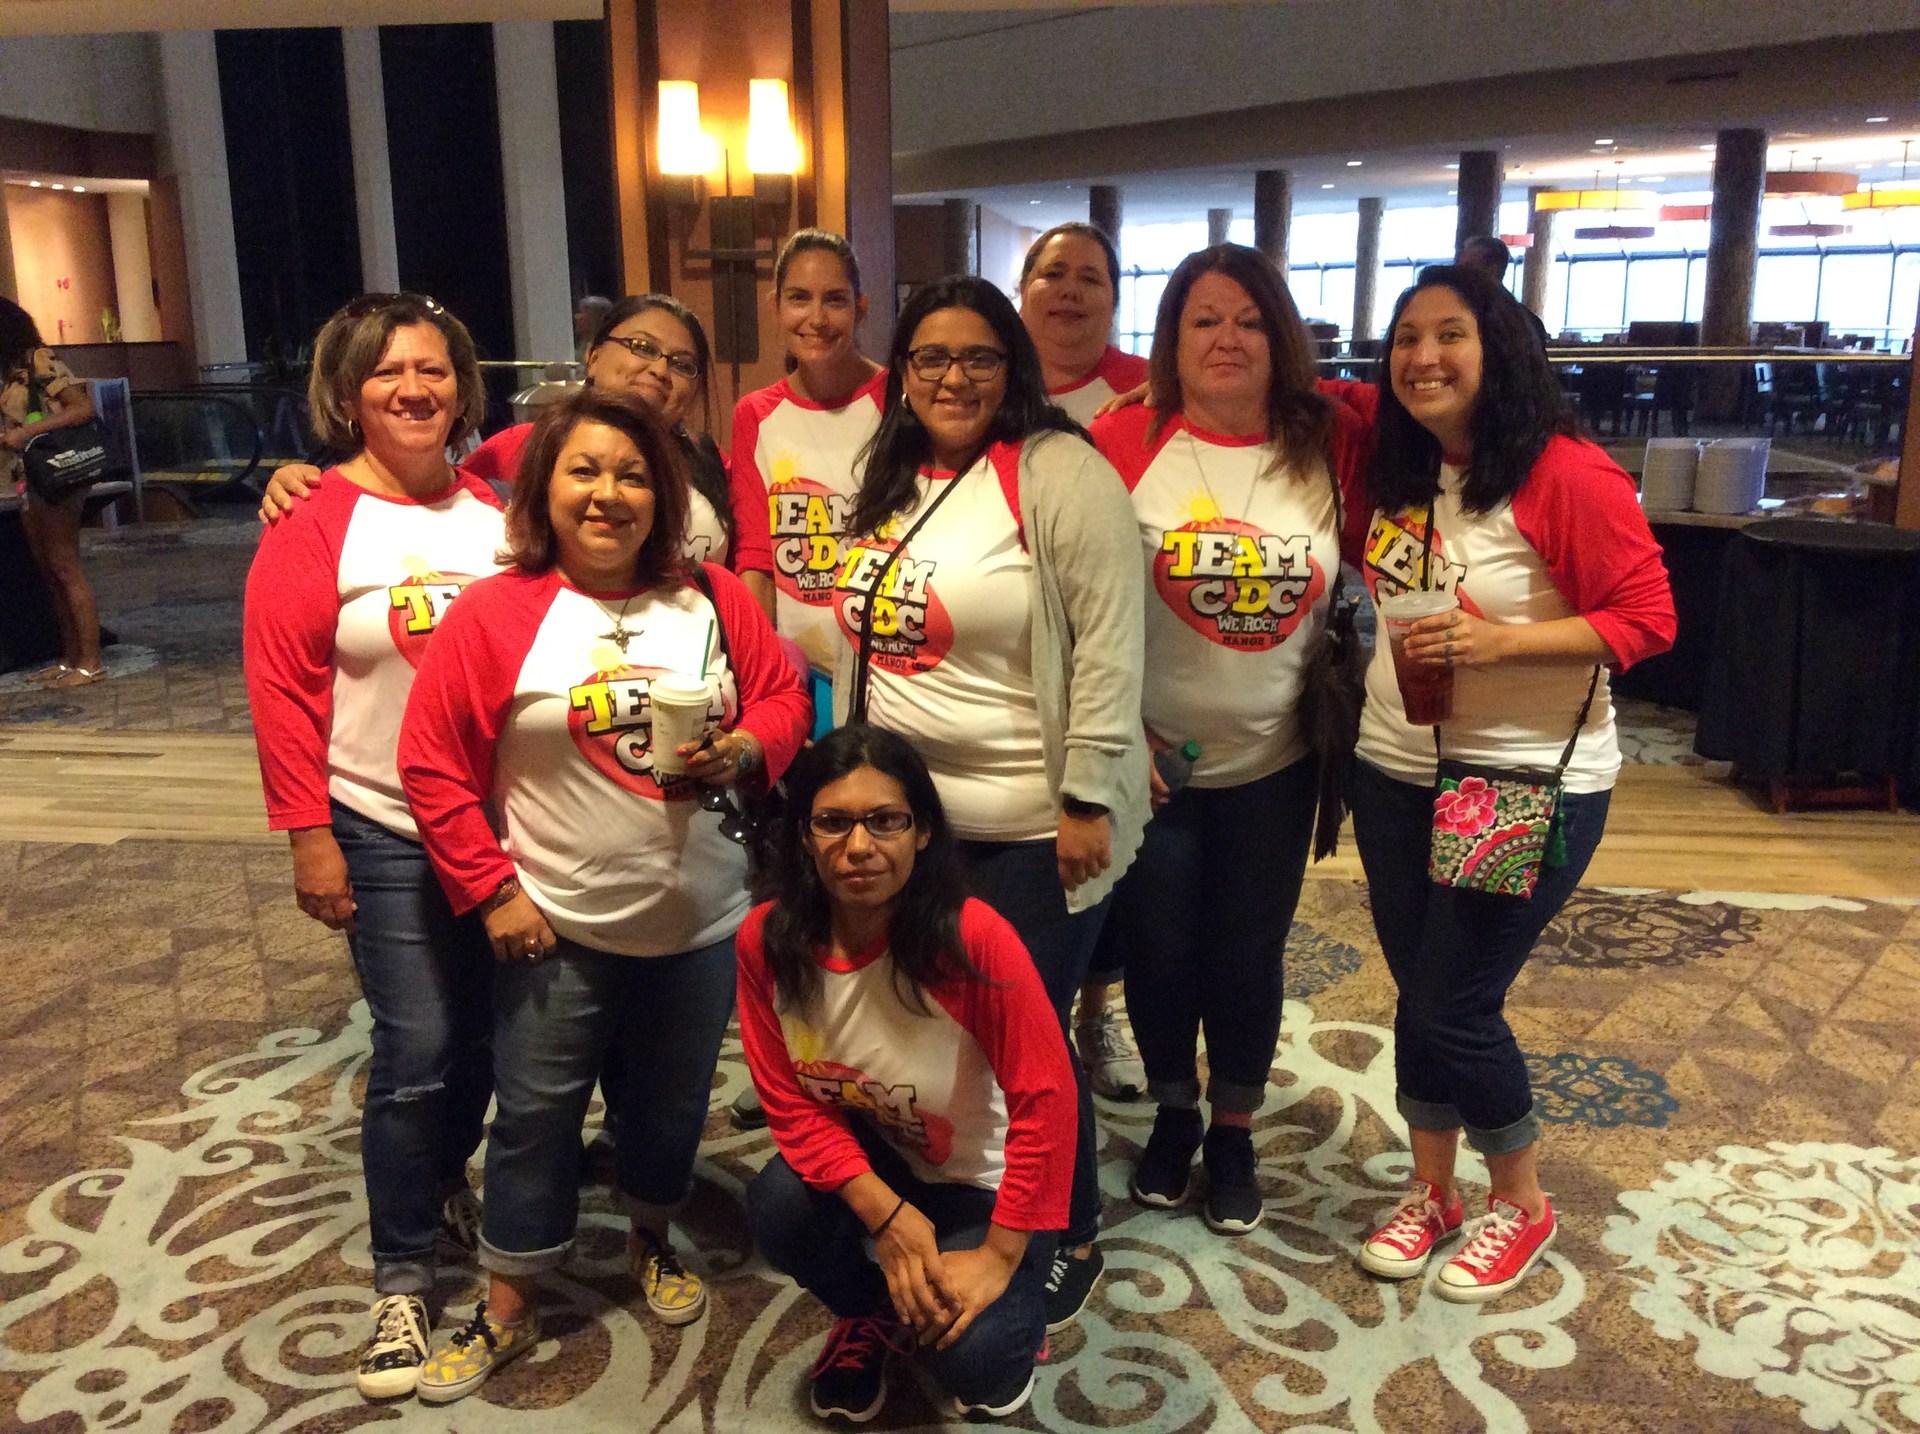 Team CDC